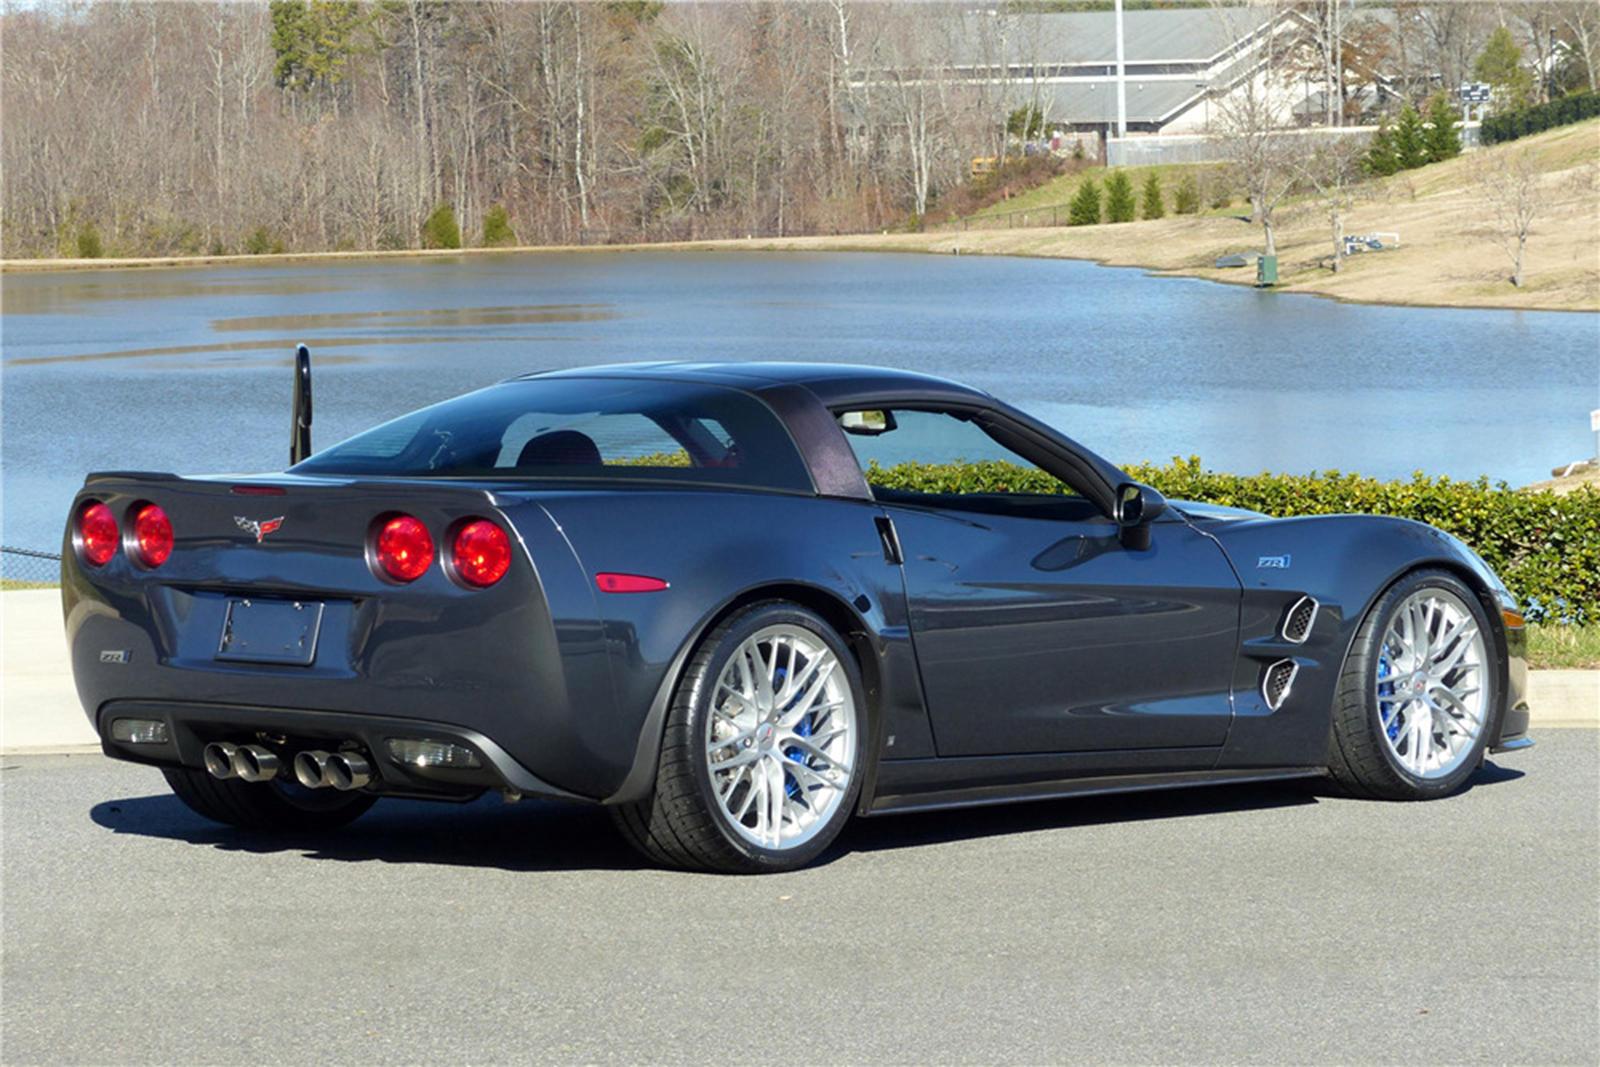 Kelebihan Kekurangan Corvette C6 Zr1 Harga